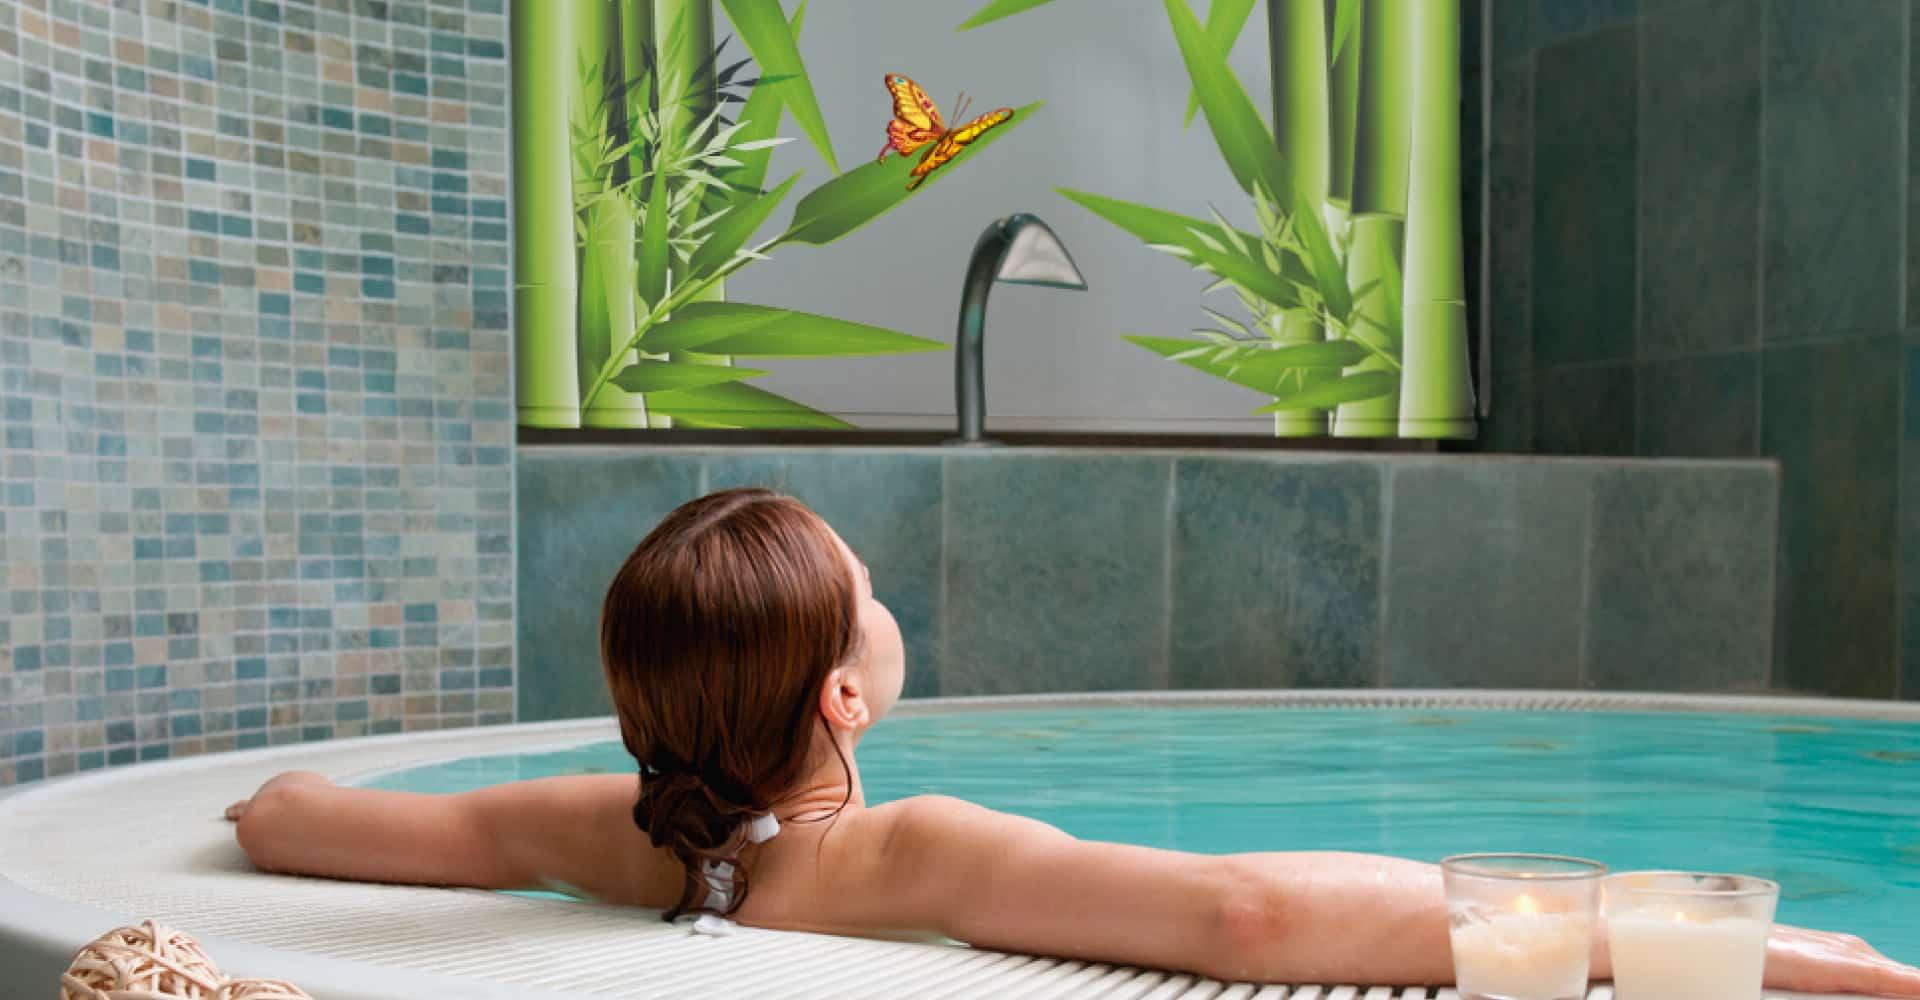 persianas impresas en ventana de baño